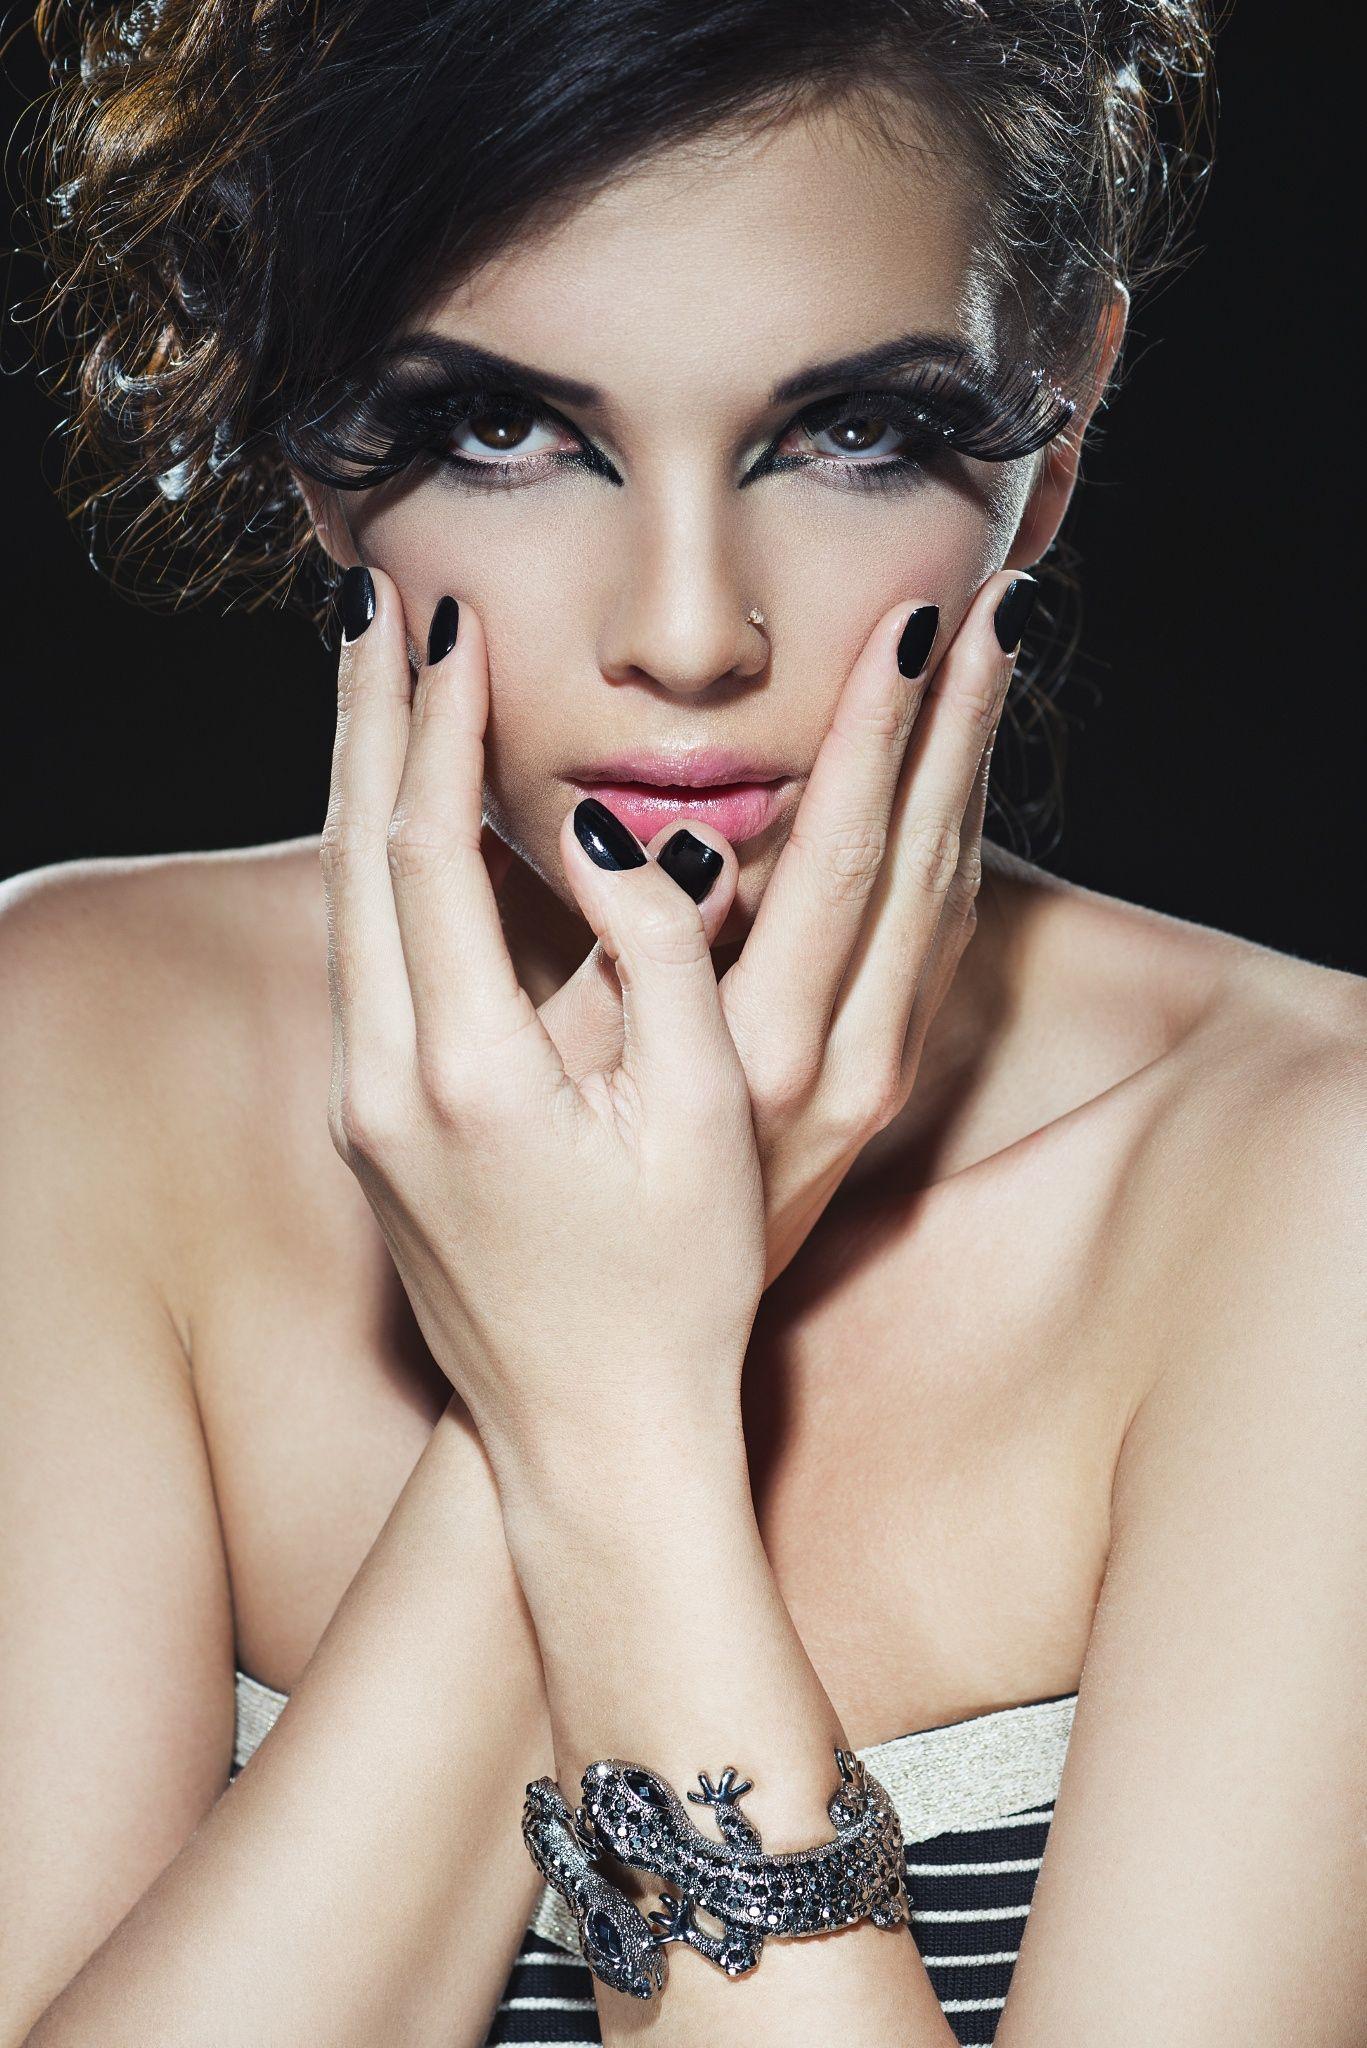 Beauty by Julia Sariy - Photo 24417565 - 500px